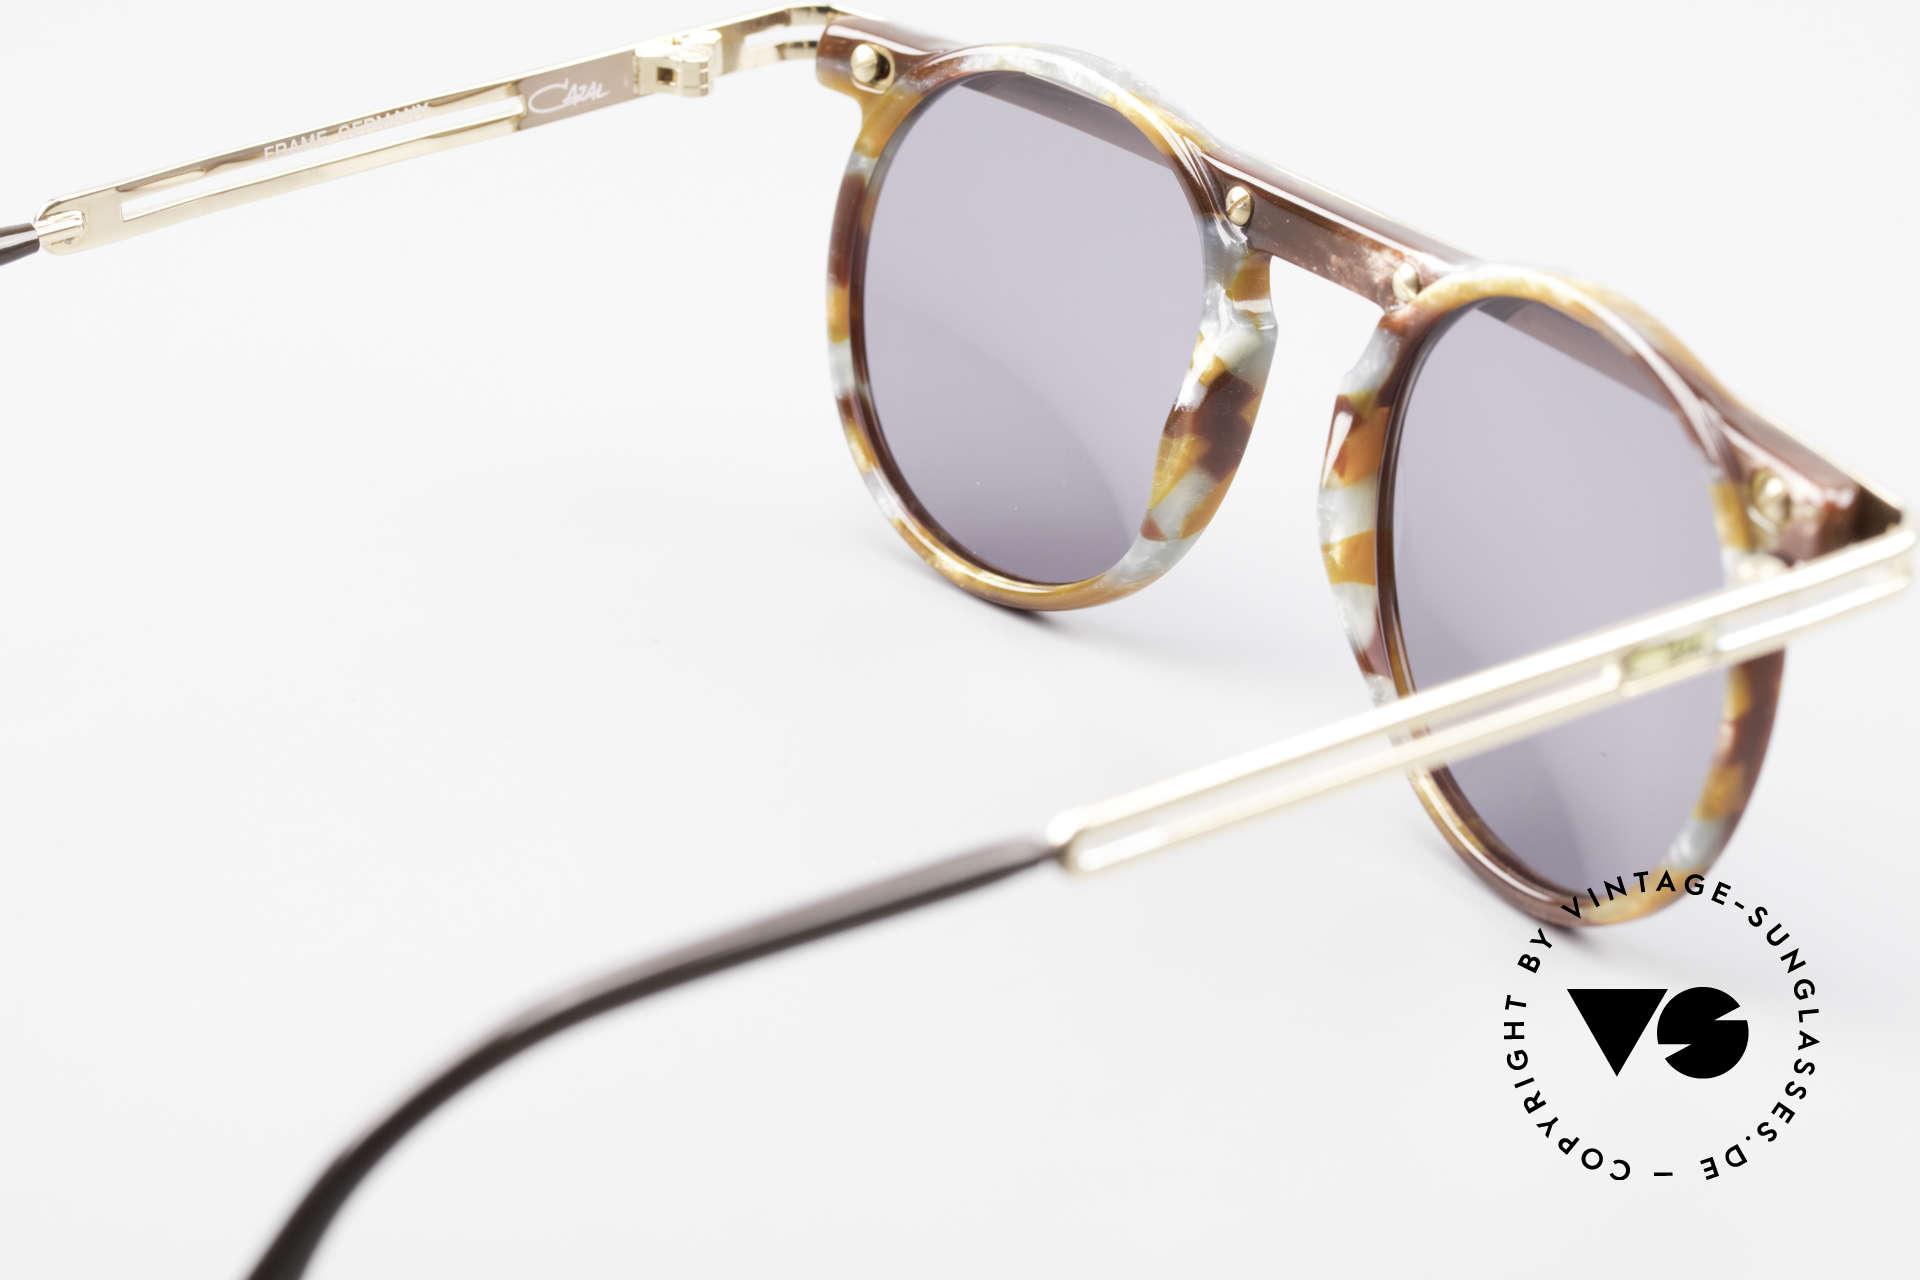 Cazal 648 Cari Zalloni Vintage Brille 90er, KEINE Retromode; ein über 25 Jahre altes Unikat!, Passend für Herren und Damen